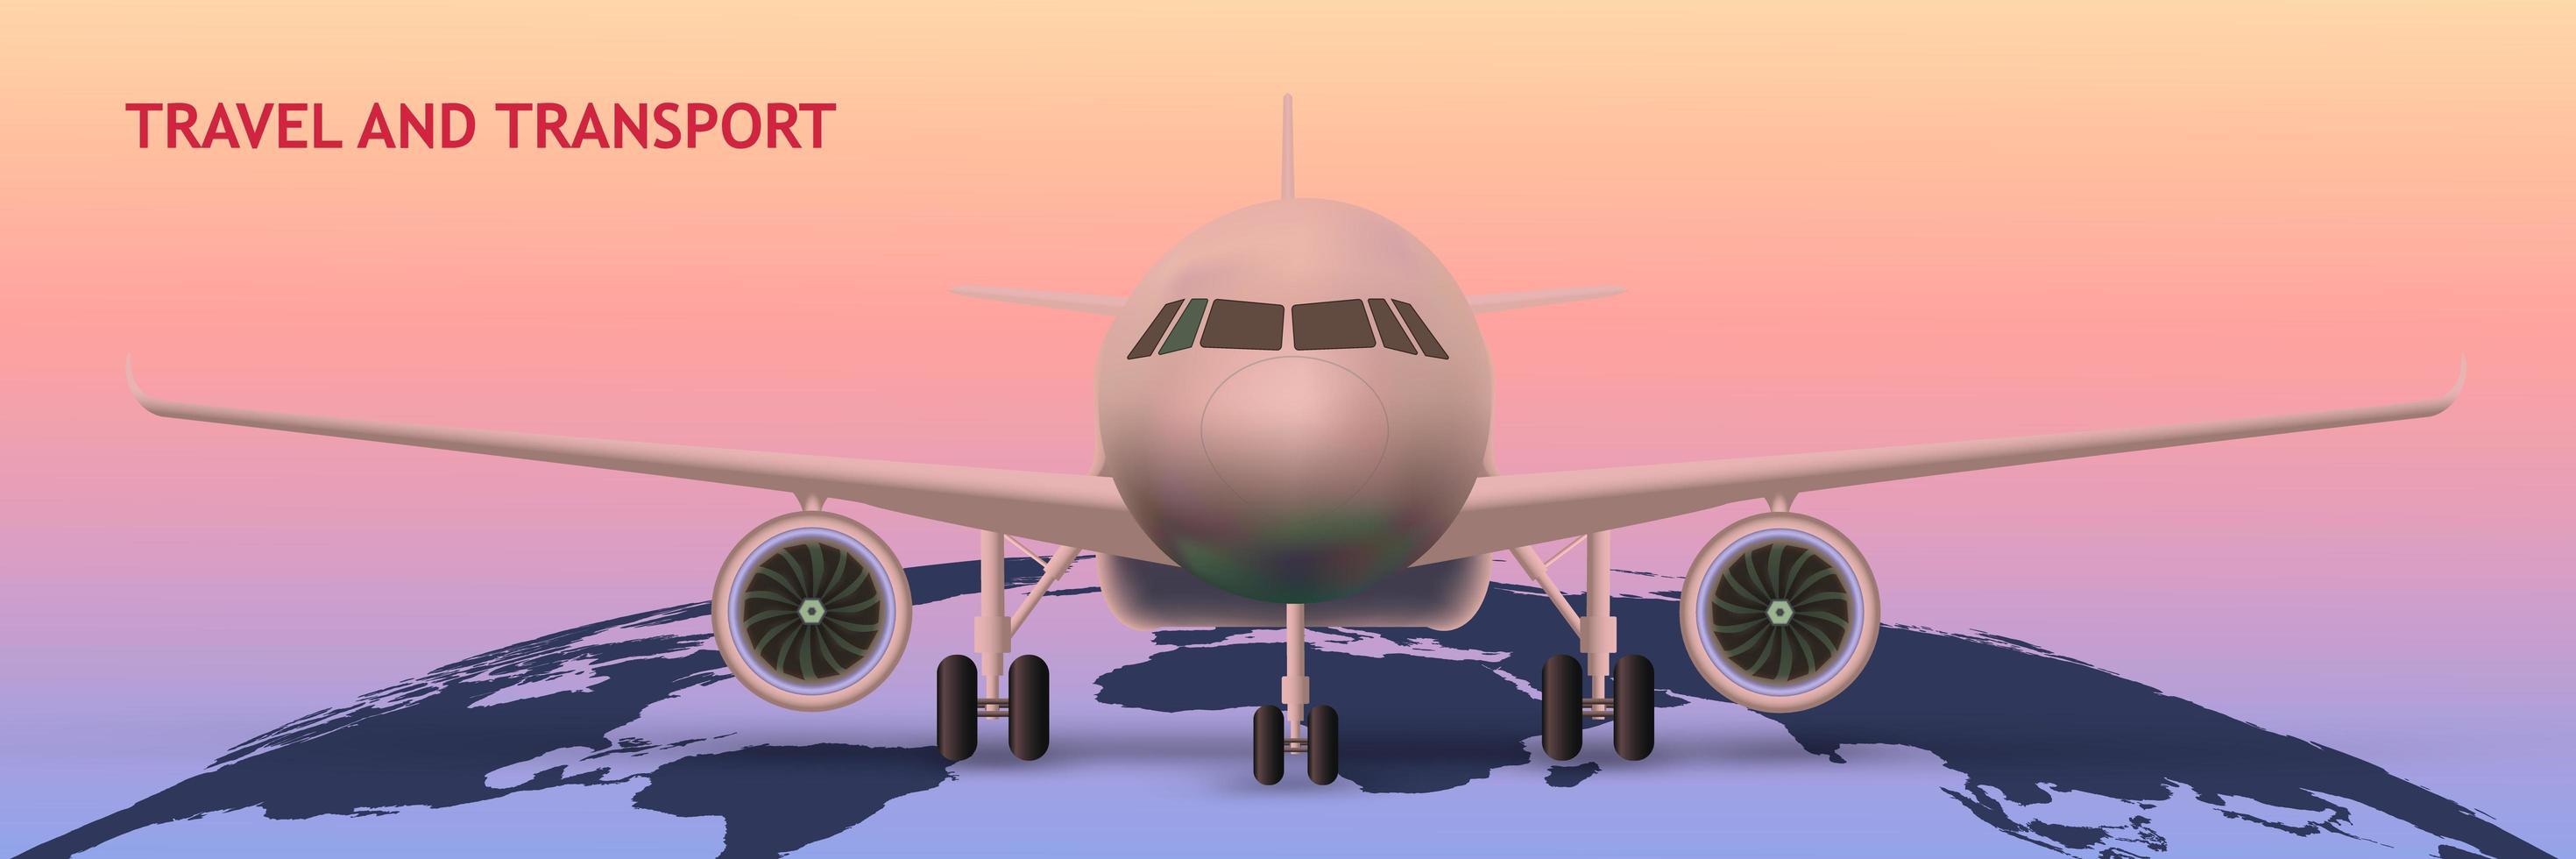 avion sur la carte du monde comme concept de transport vecteur